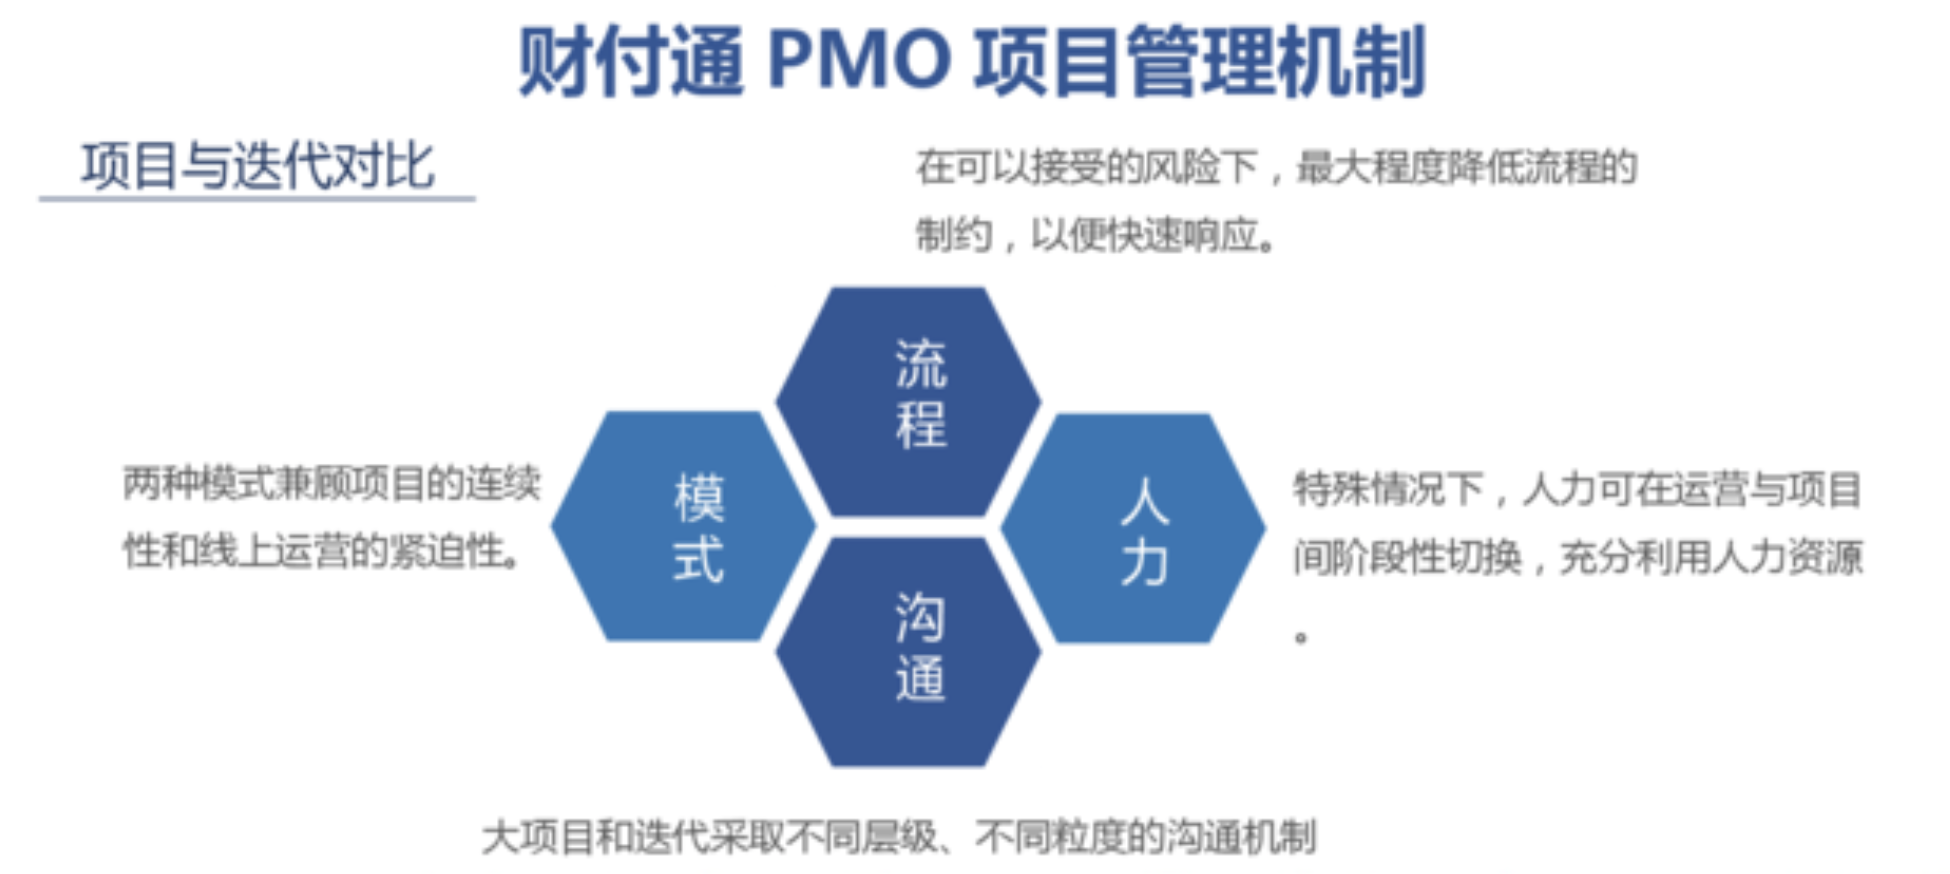 MPD:财付通——标准化项目管理与敏捷迭代的兼得——互联网PMO与项目管理实践  项目管理 管理 产品经理 产品 第4张